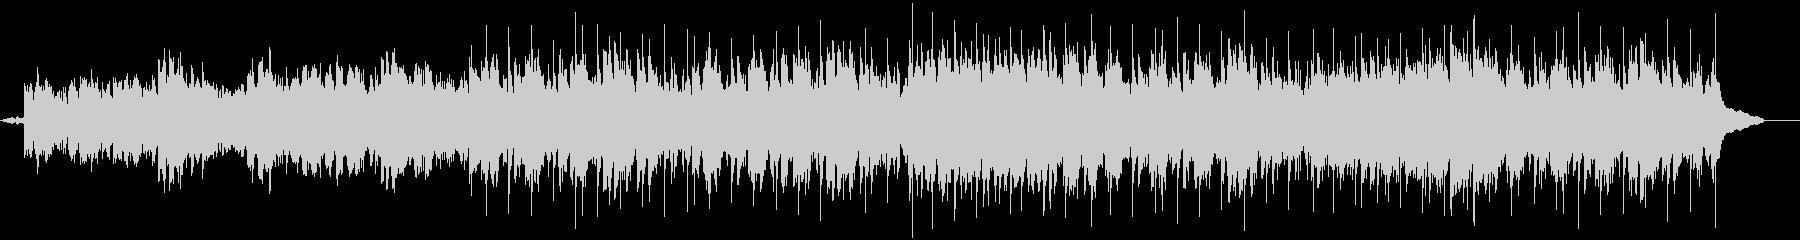 クライマックスをきらびやかに仕上げる曲の未再生の波形